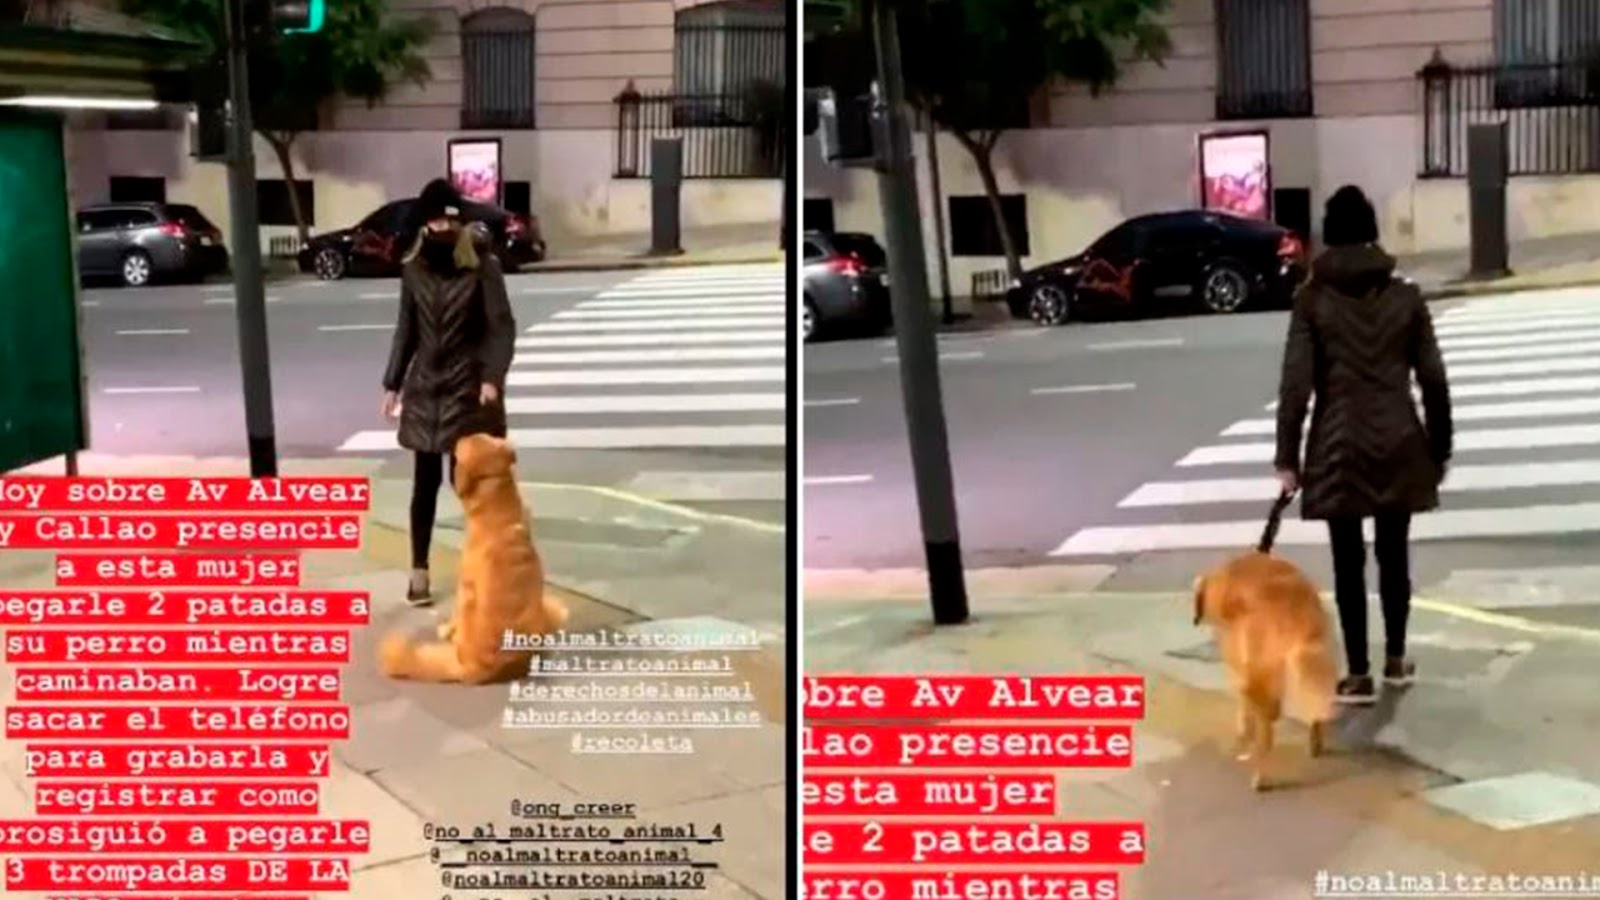 Video: Exhiben a mujer que golpea a su perro en la calle; la justicia ya la busca